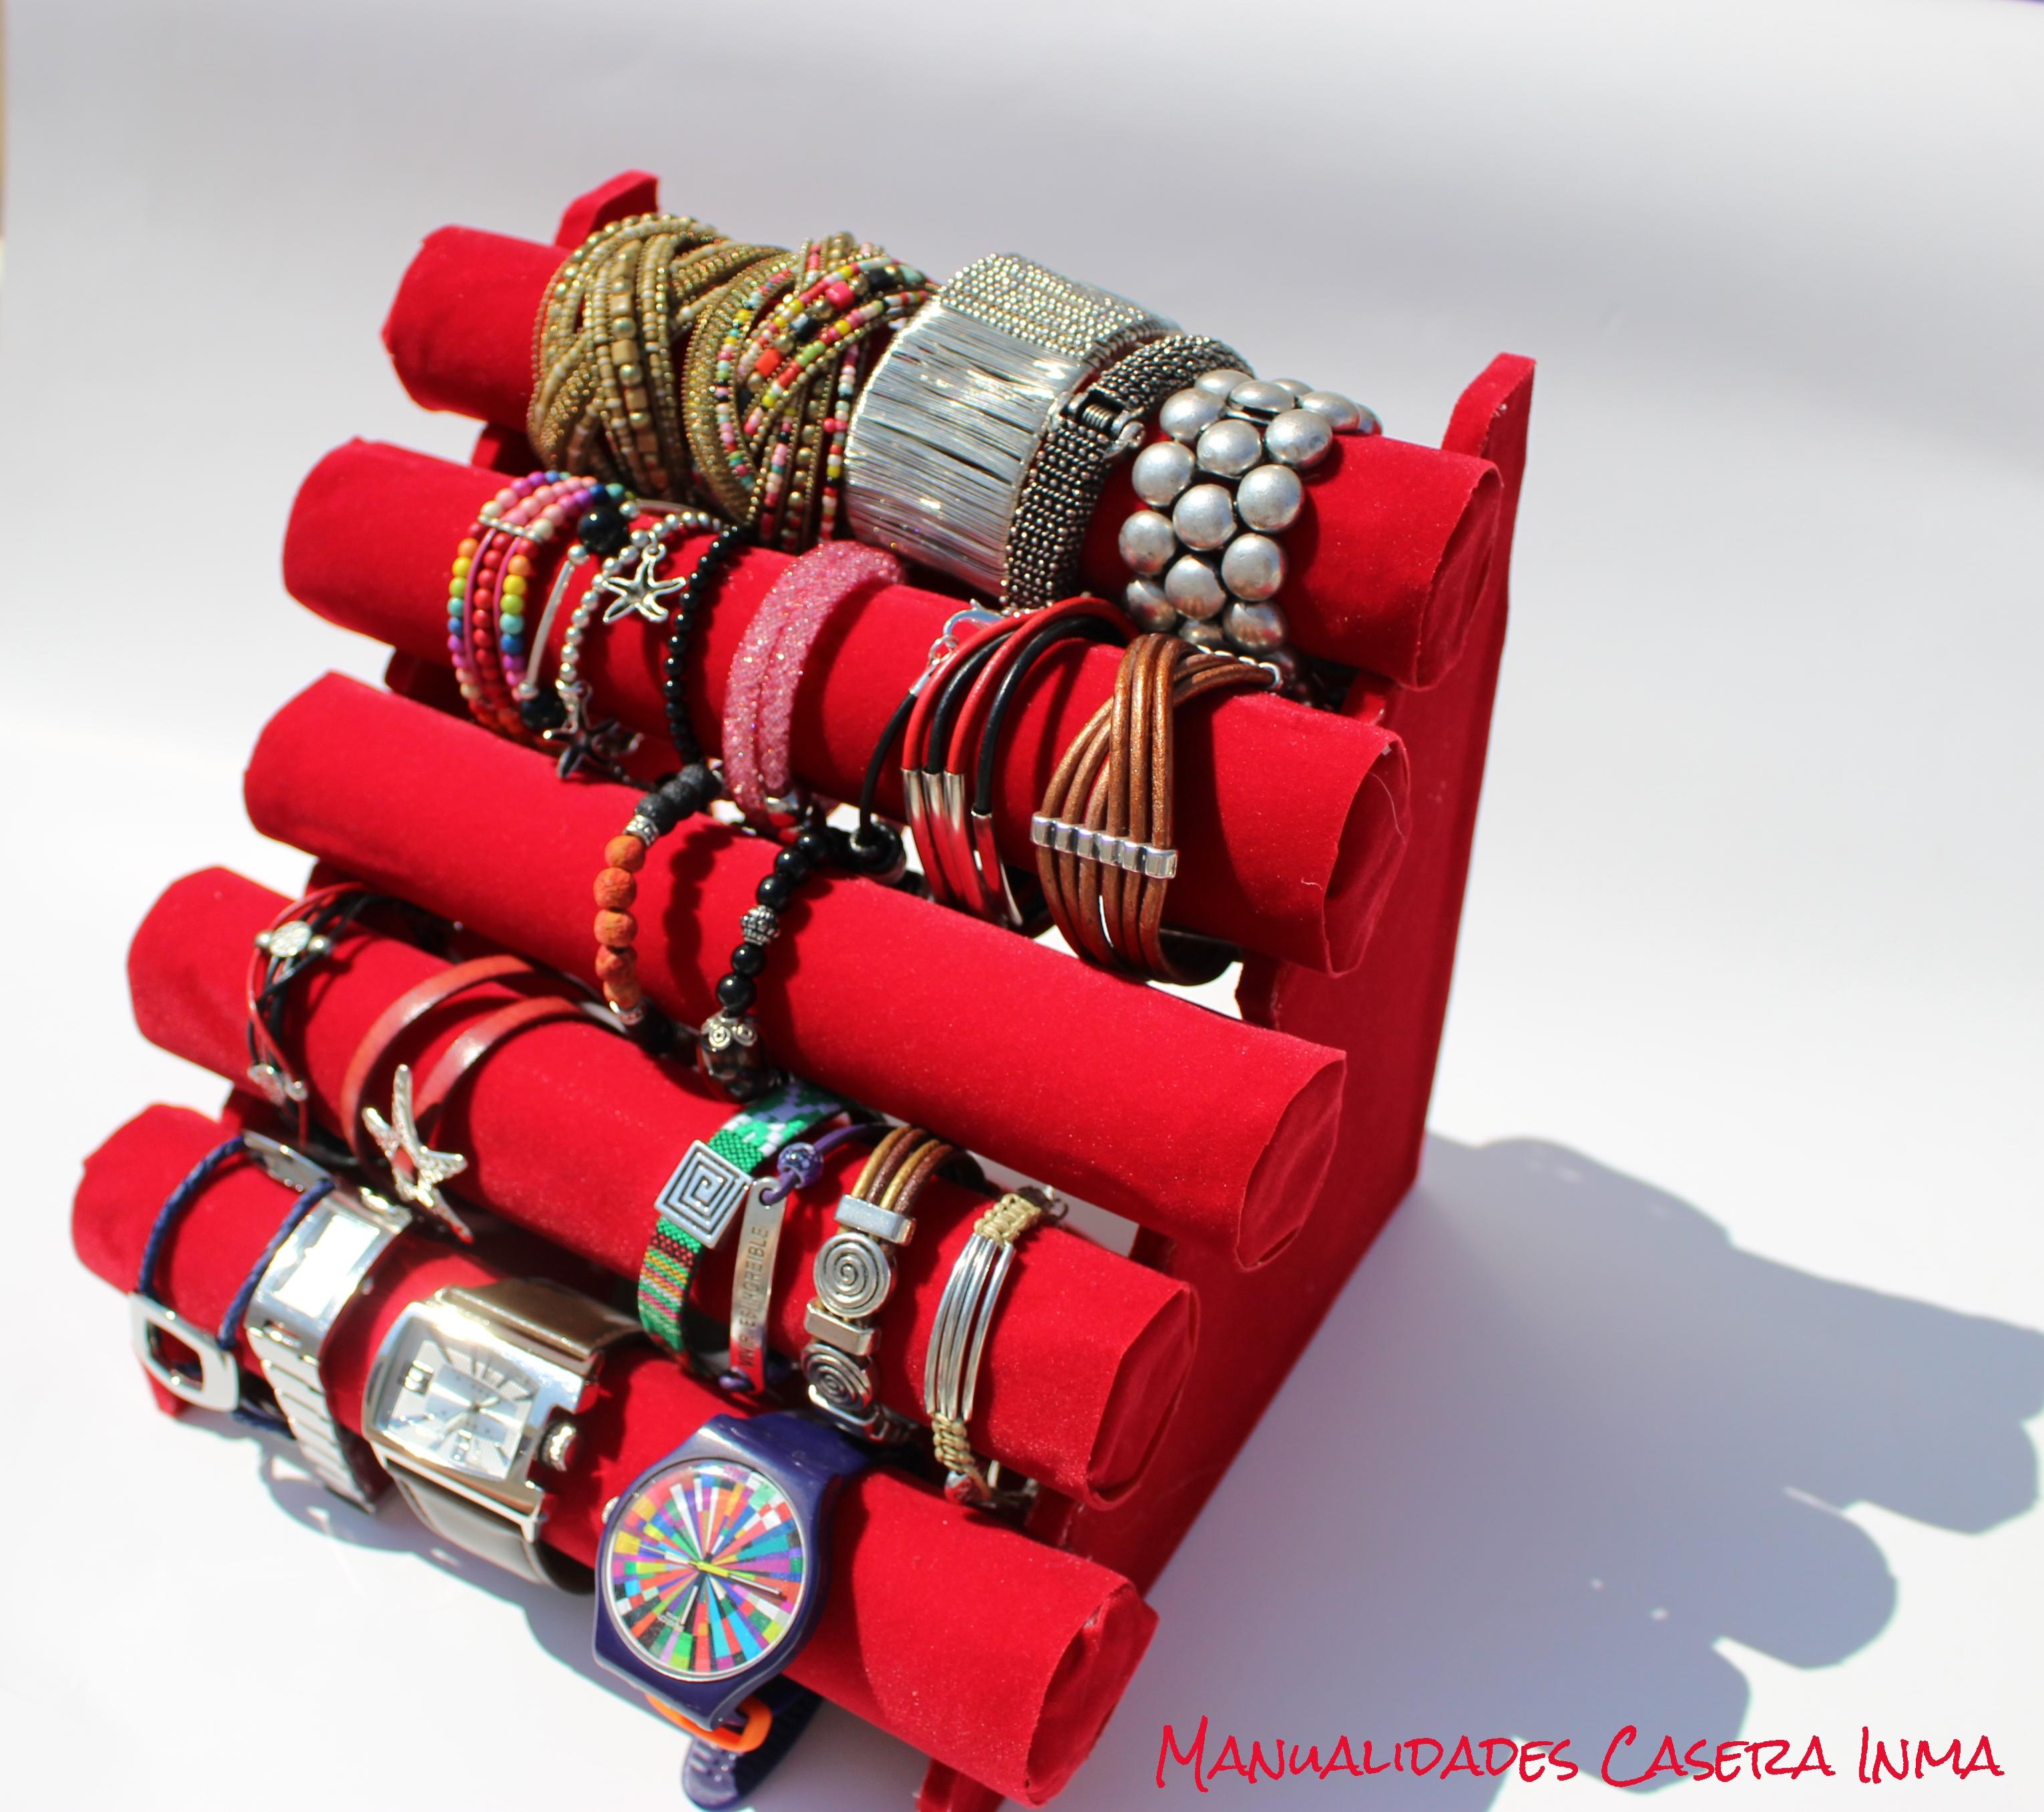 Manualidades Caseras Inma_ Organizador porta pulseras y relojes